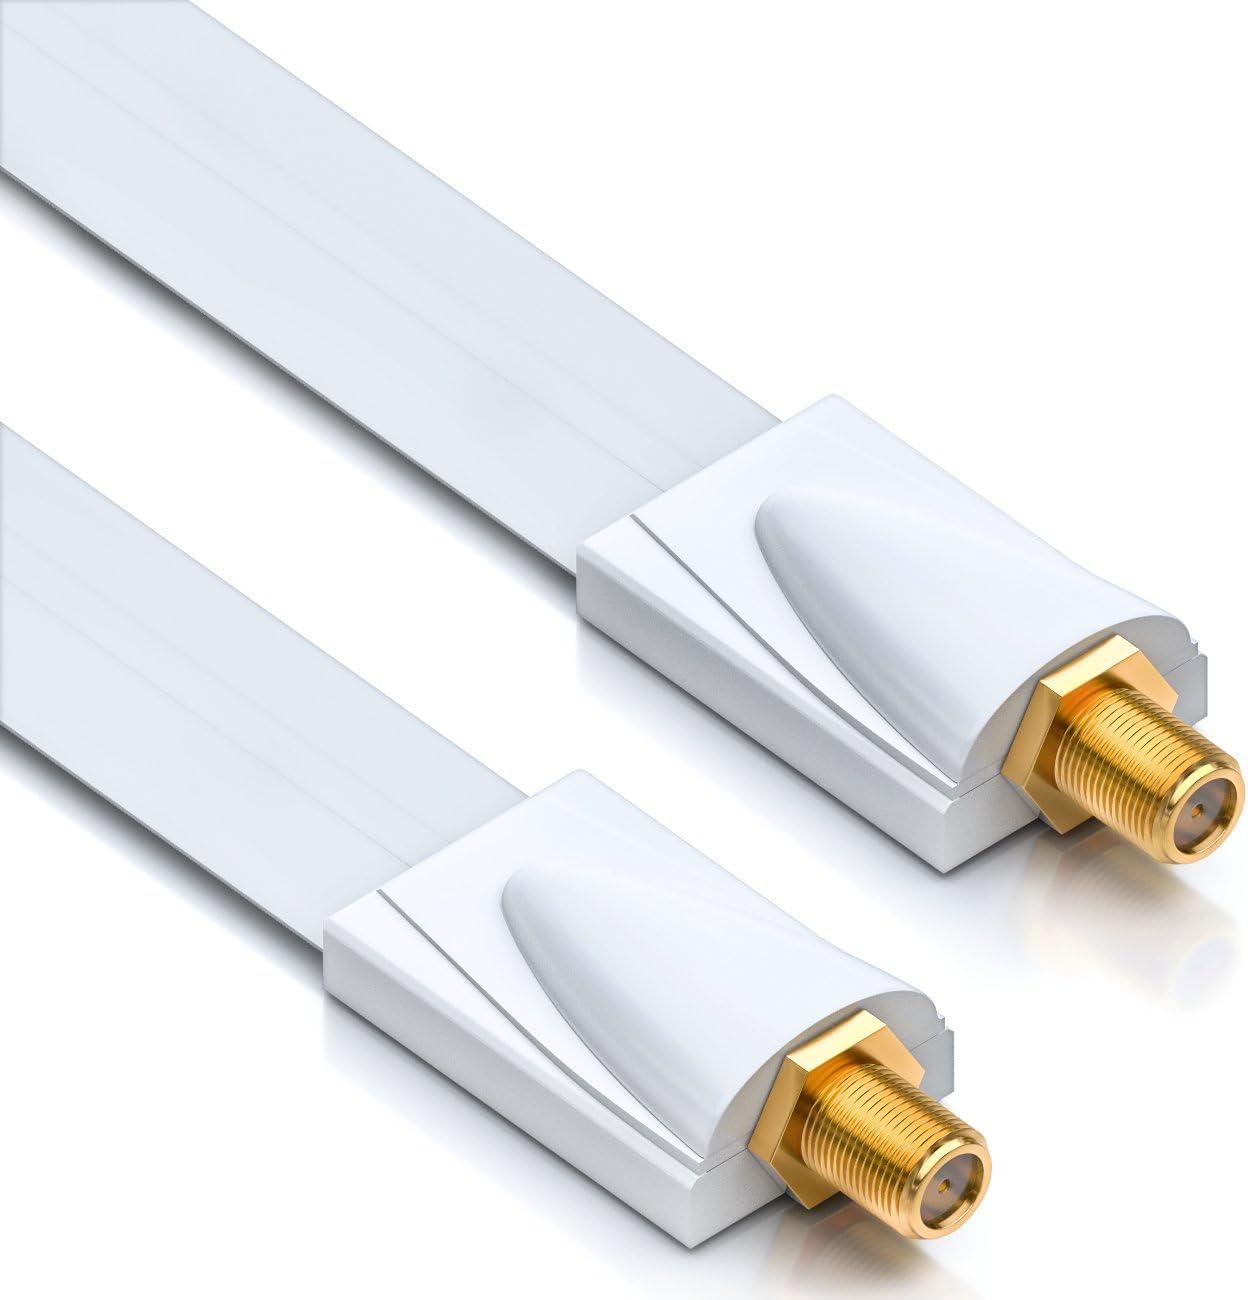 deleyCON 1x Entrada de la Ventana Cable Sat 17cm Flexible Longitud de 26cm Ventanas y Puertas de Acoplamiento Blindaje Extremadamente Plano - Blanco